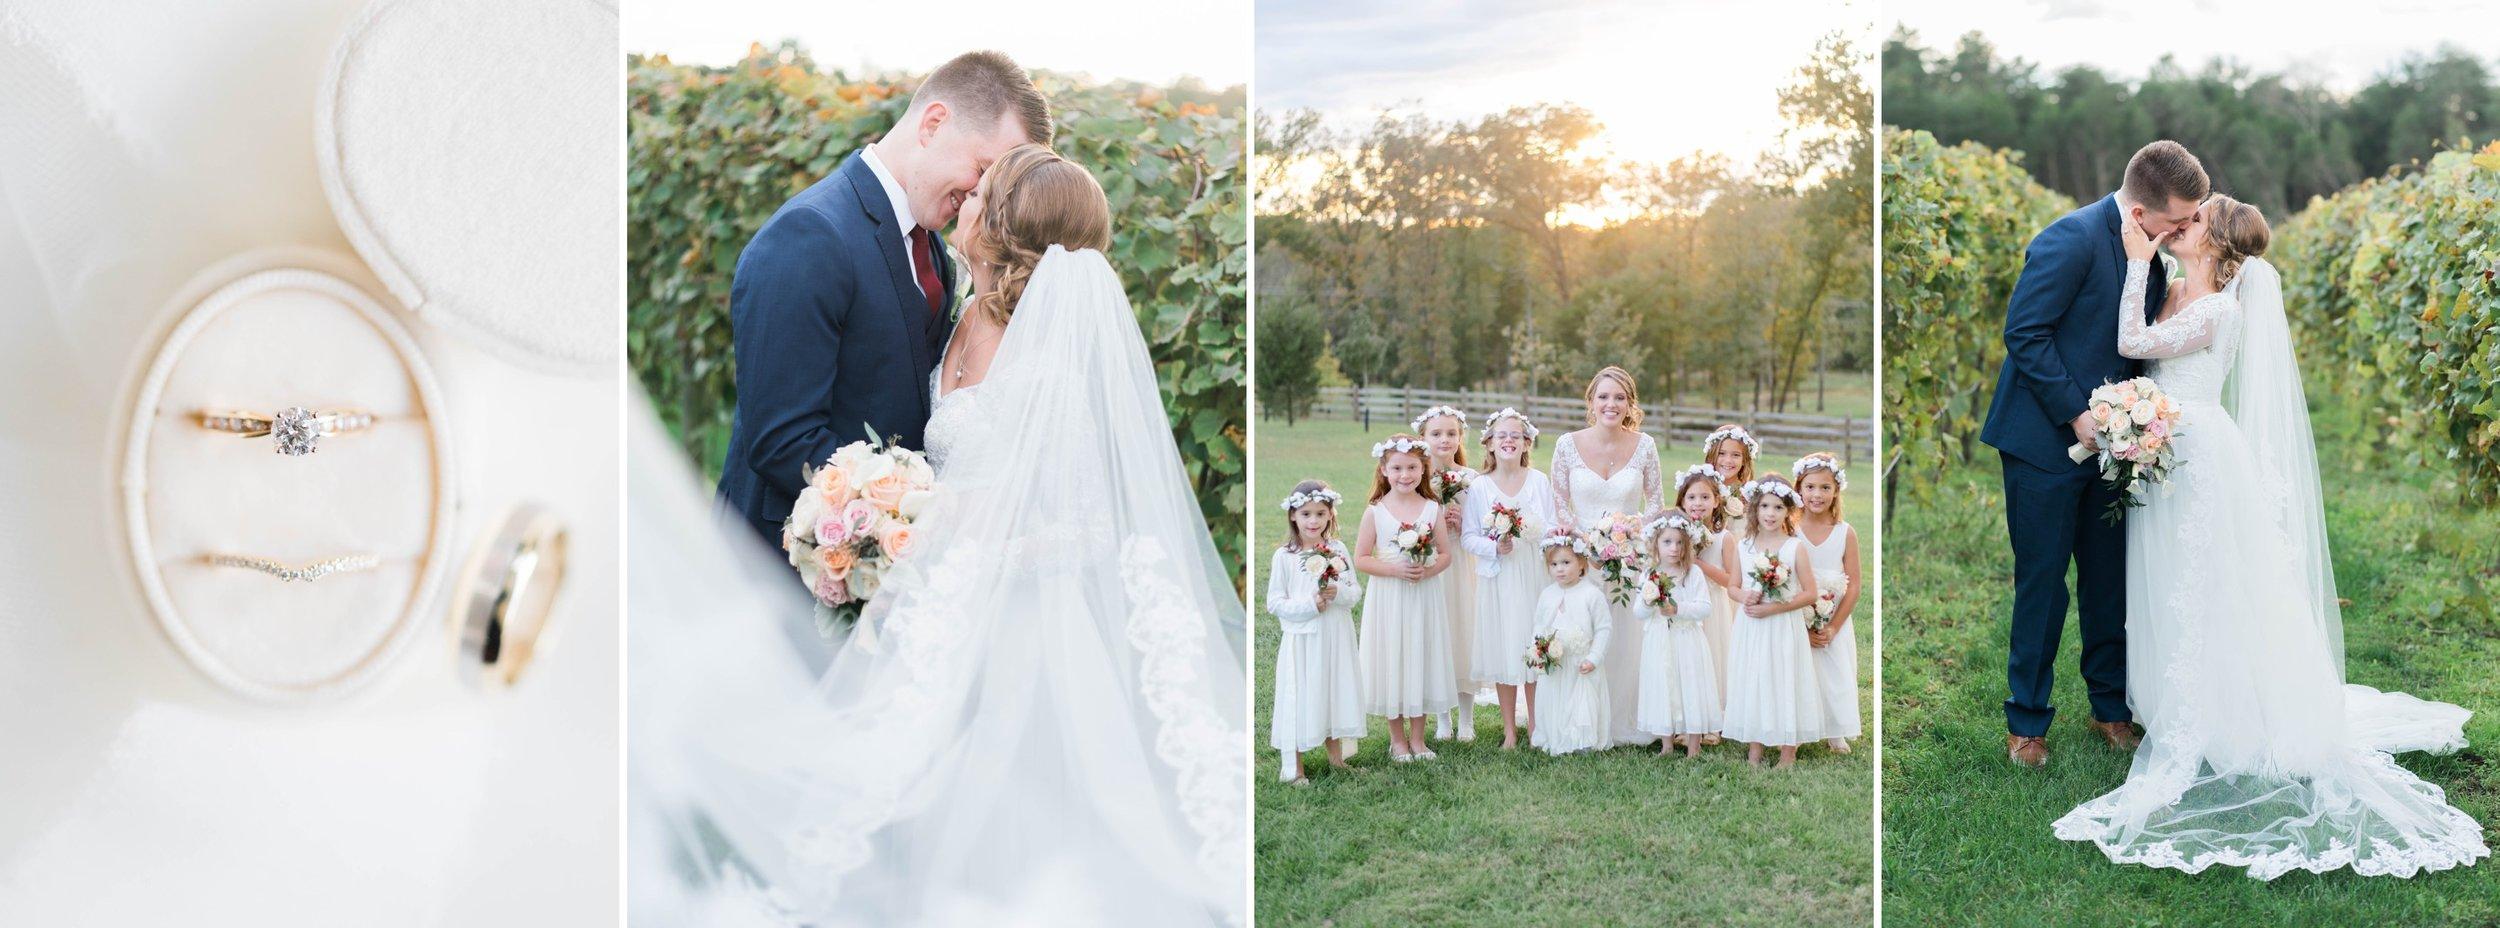 GrantElizabeth_wineryatbullrun_DCwedding_Virginiaweddingphotographer 9.jpg